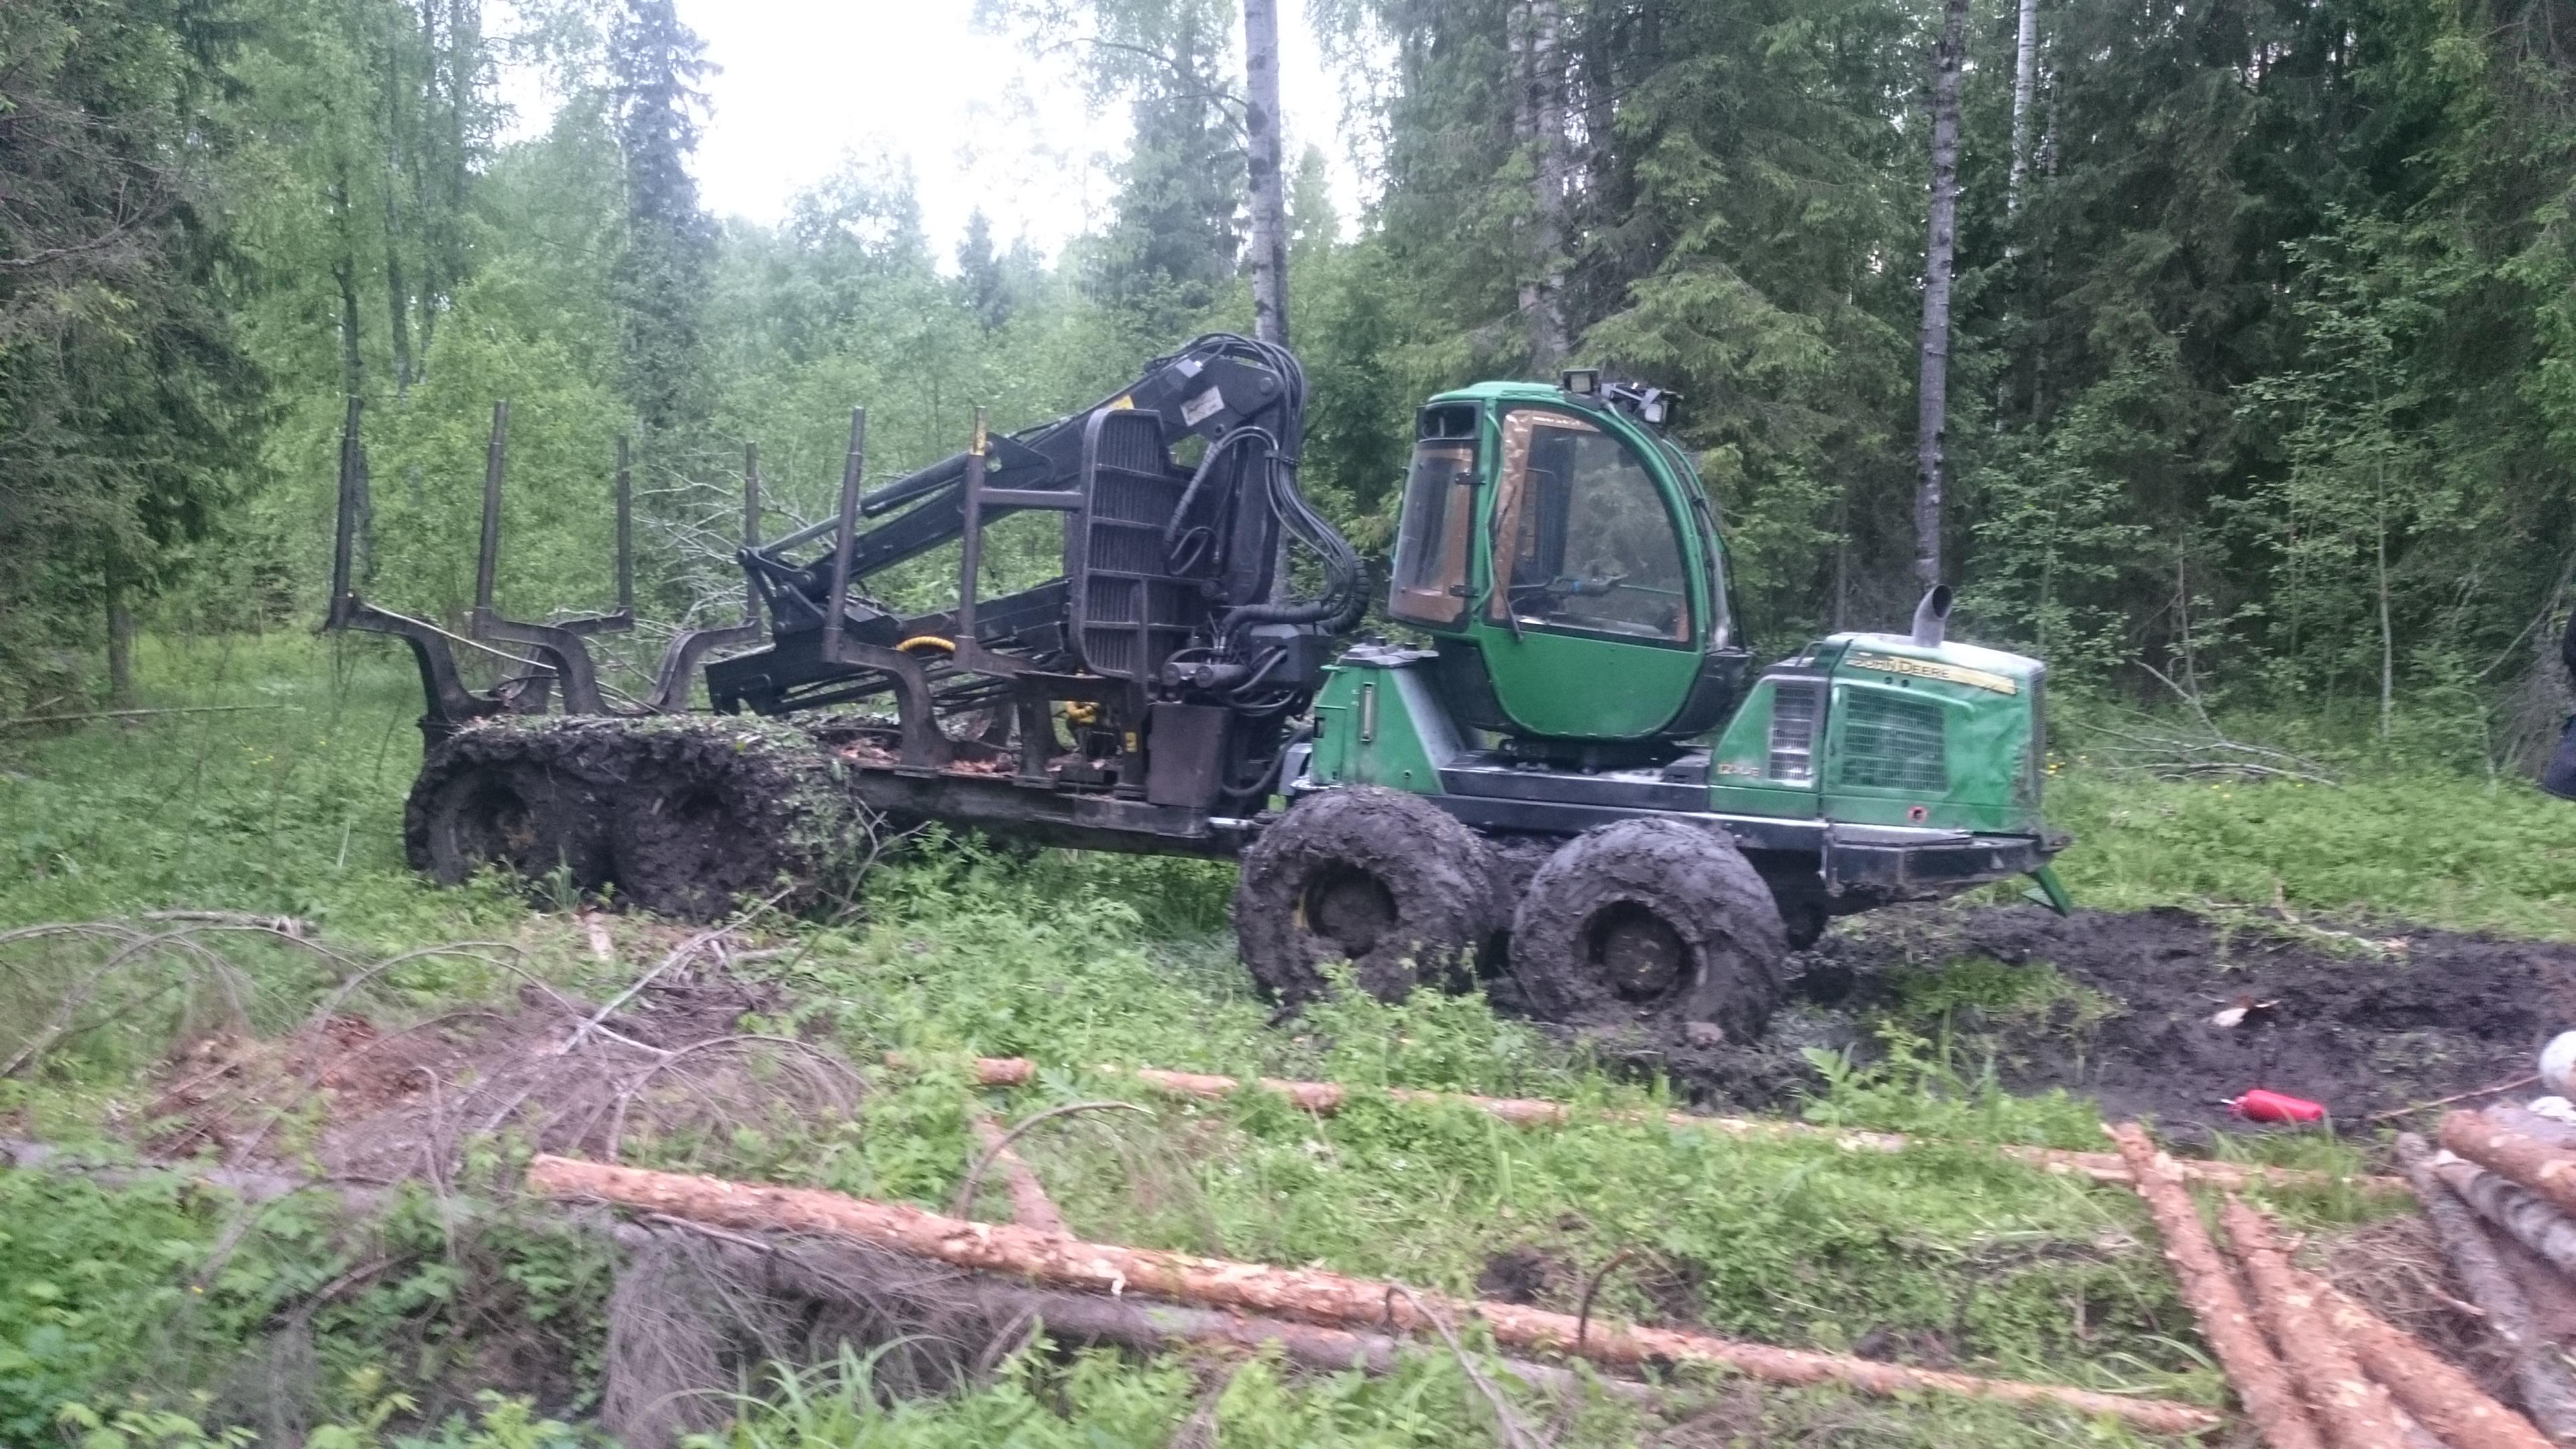 В Усть-Кубинском районе будут судить бизнесмена, который сжег лесозаготовительную технику партнера